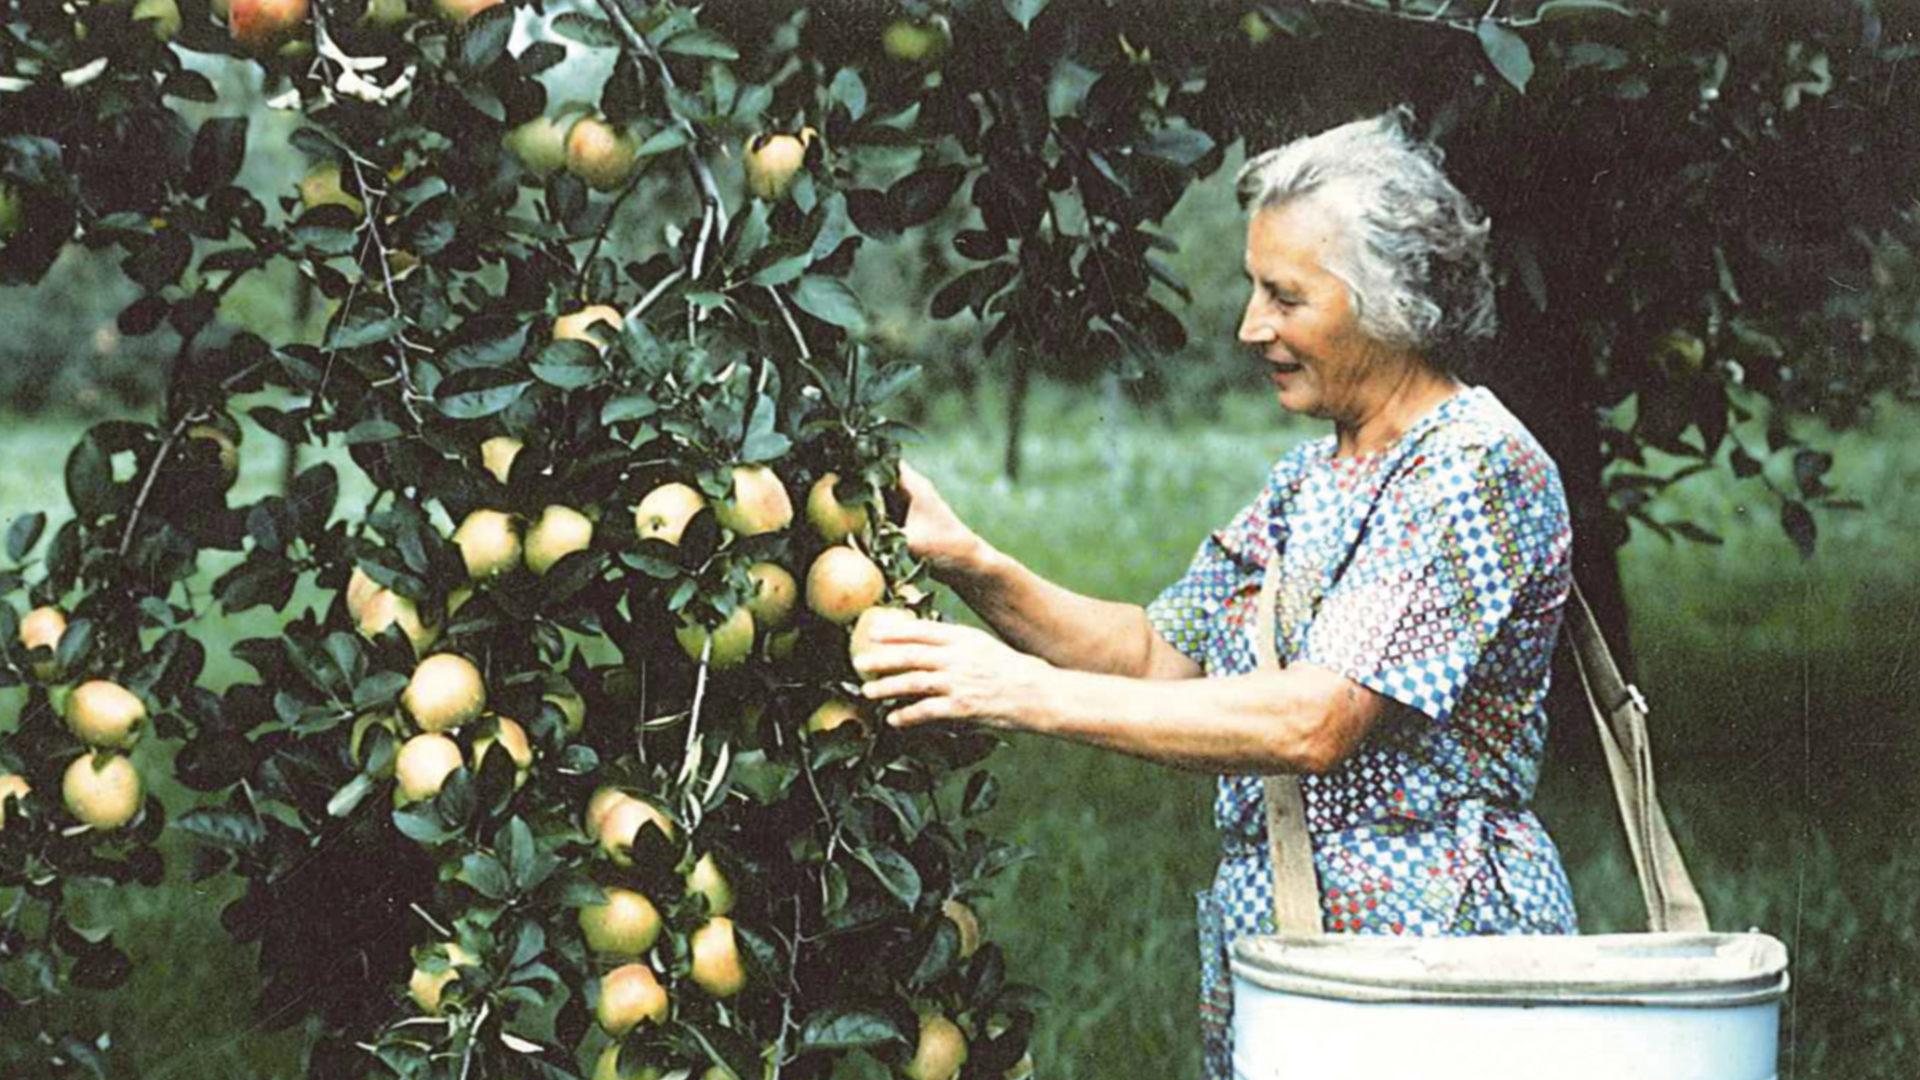 Alte Bäuerin pflückt Äpfel